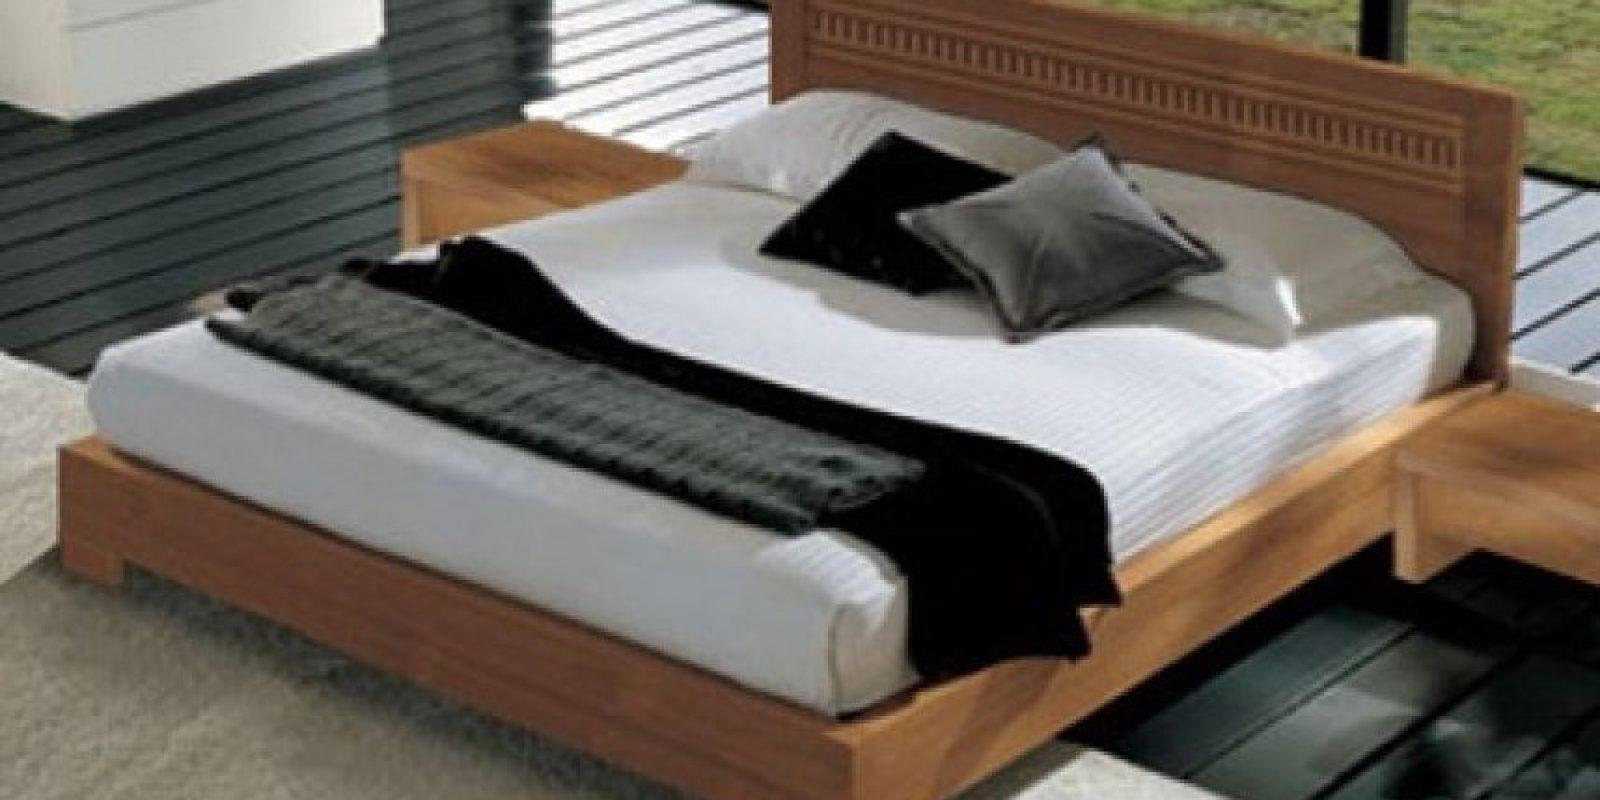 Investigadores españoles estudiaron 84 enfermos de dolor de espalda y encontraron que los que utilizan colchones blandos son más propensos a necesitar analgésicos que aquellos que duermen en camas duras. Foto:Decorandocasa.com